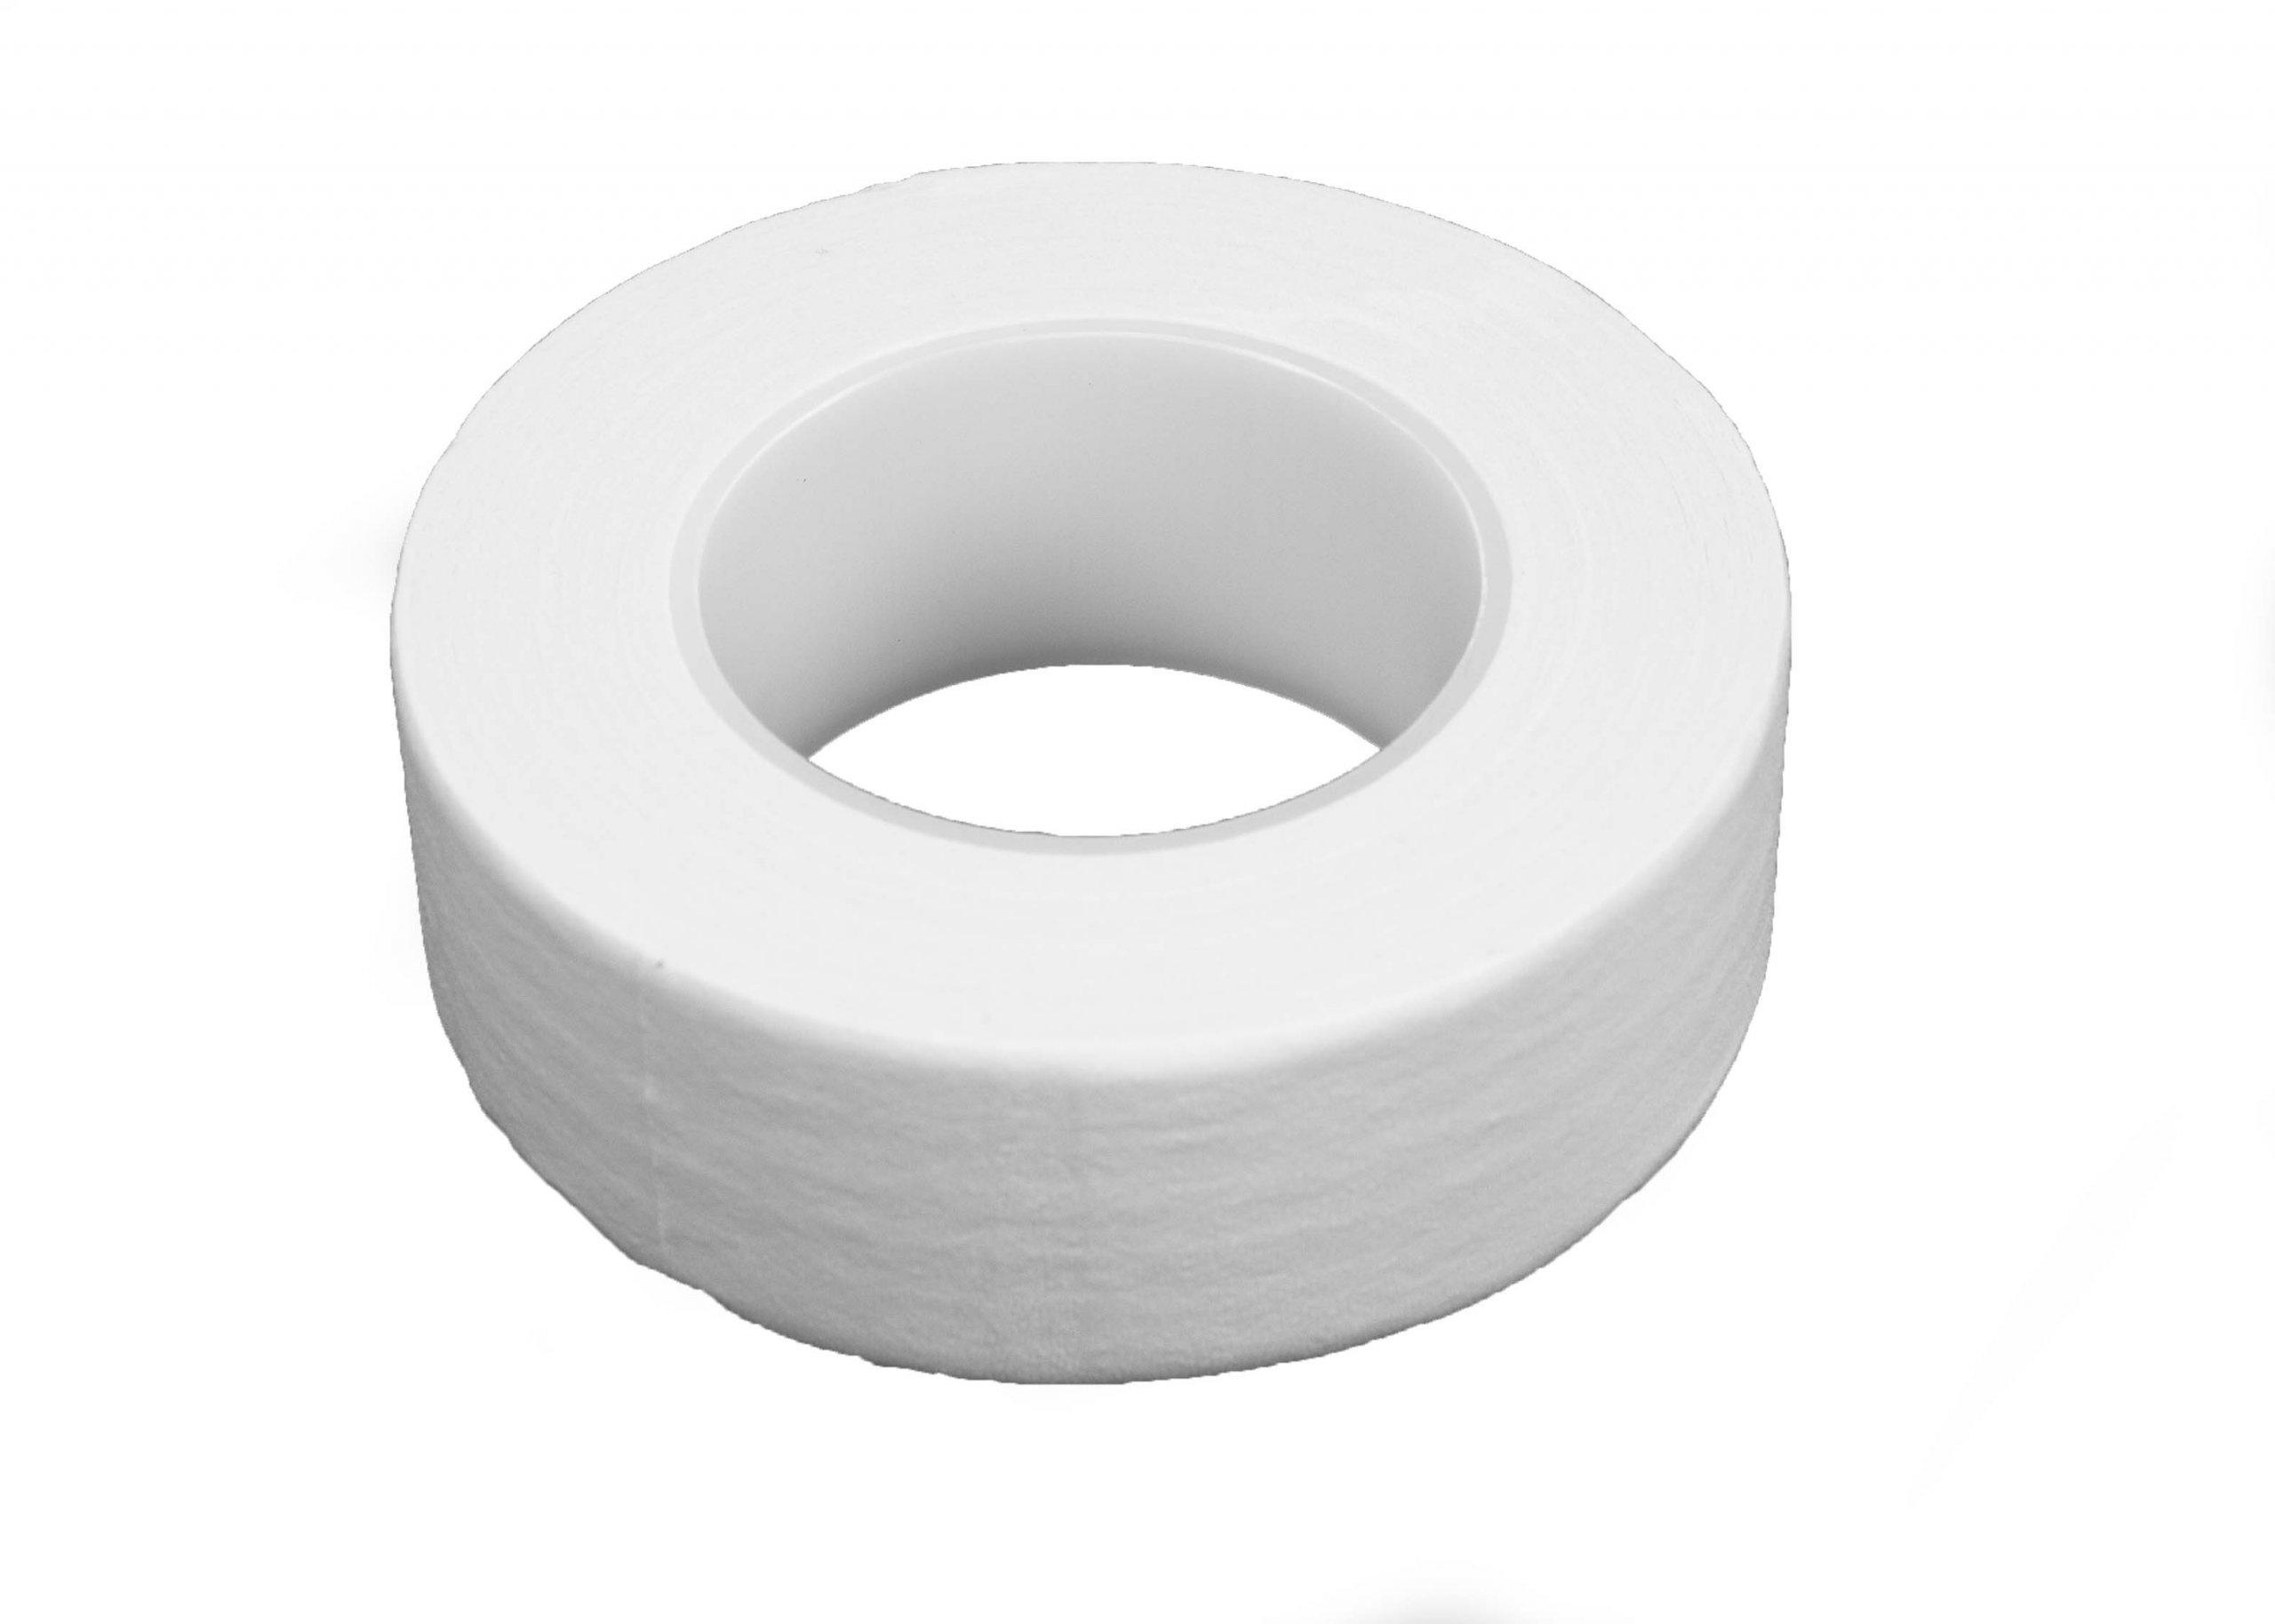 Taśma maskująca biała 2,5 cm szer